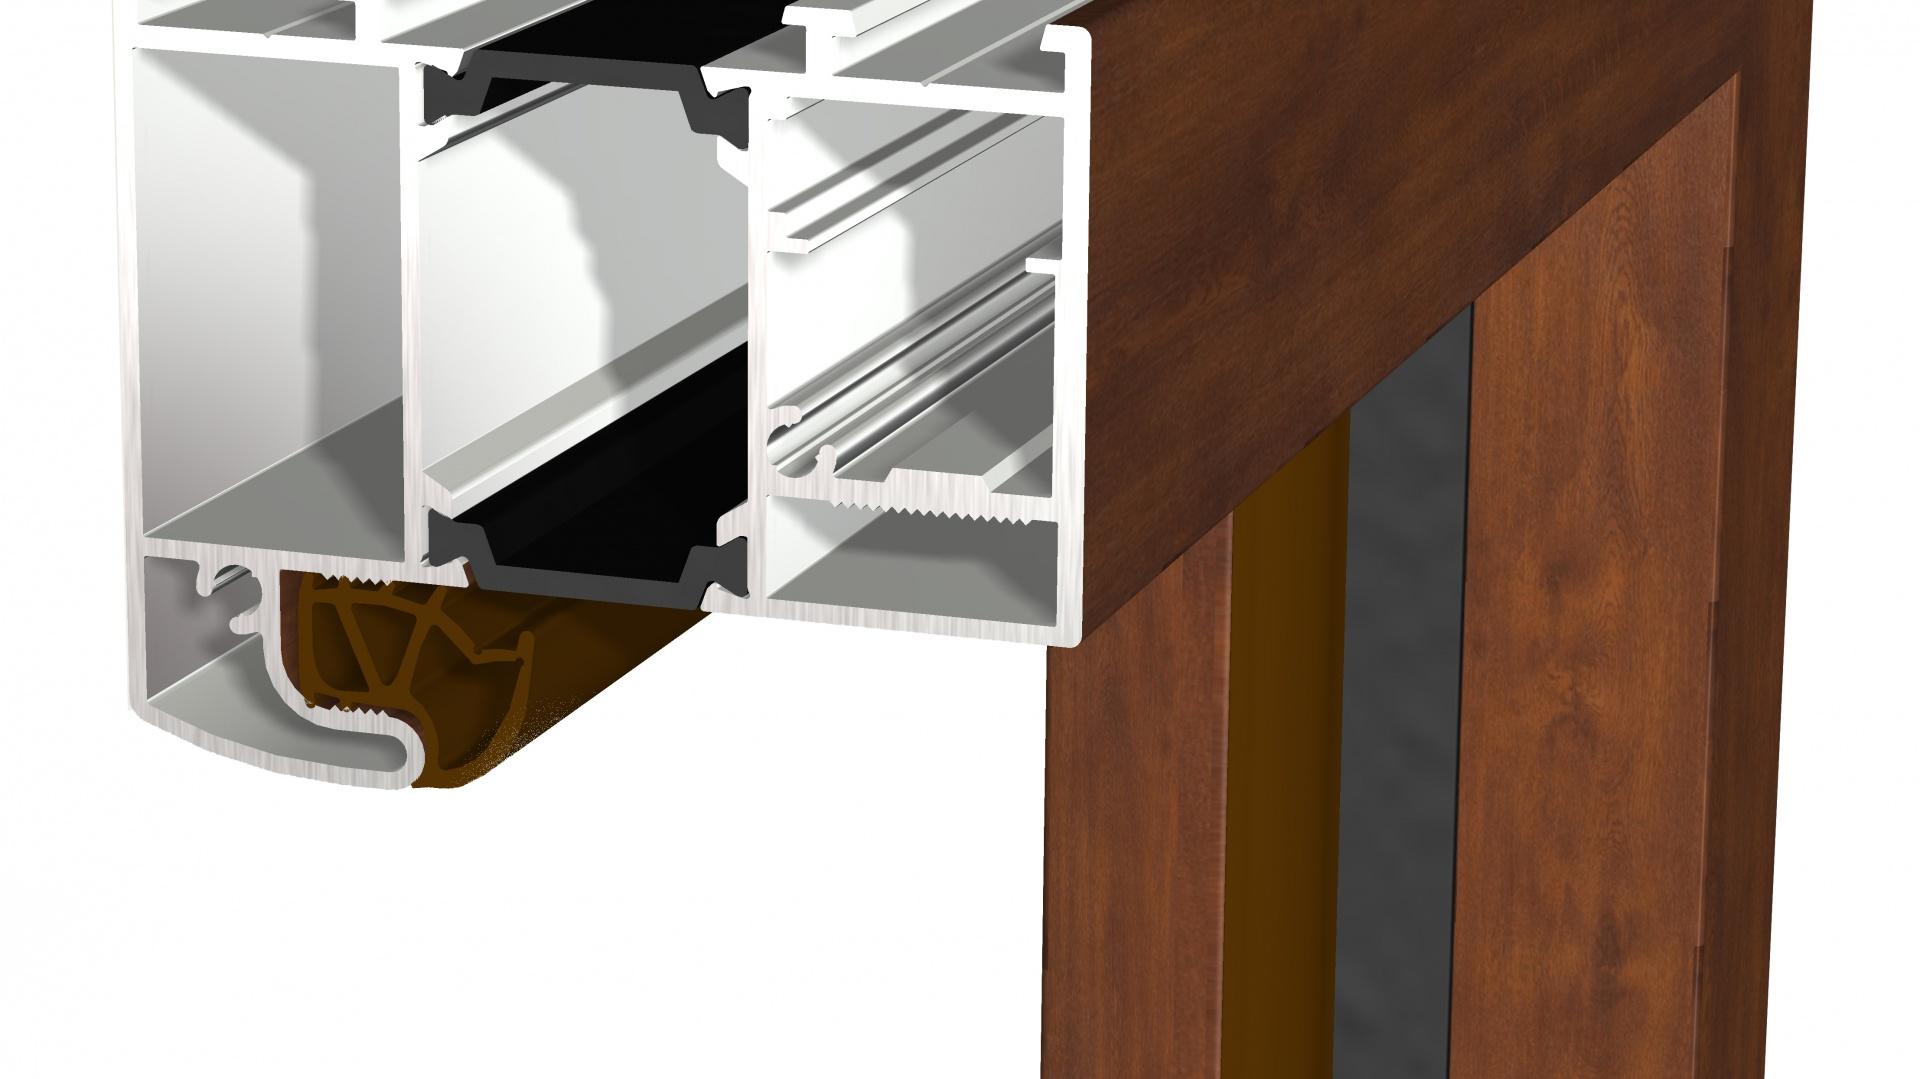 Szukasz informacji na temat drzwi metaloweych lub stalowych - skontaktuj się z Nami